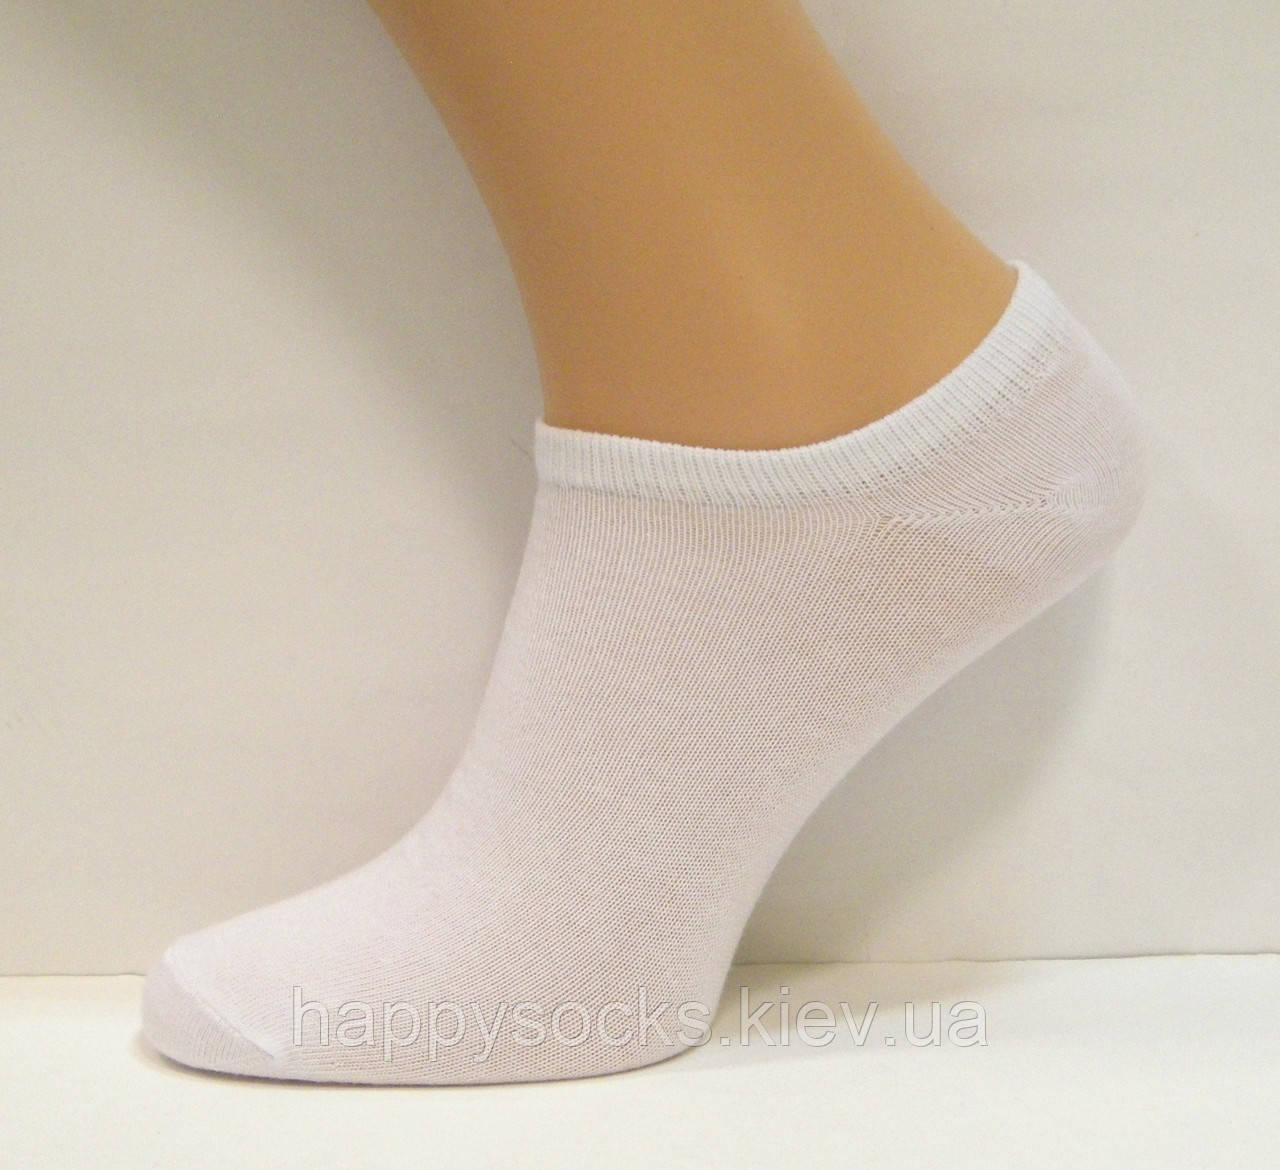 Очень короткие женские носки белого цвета